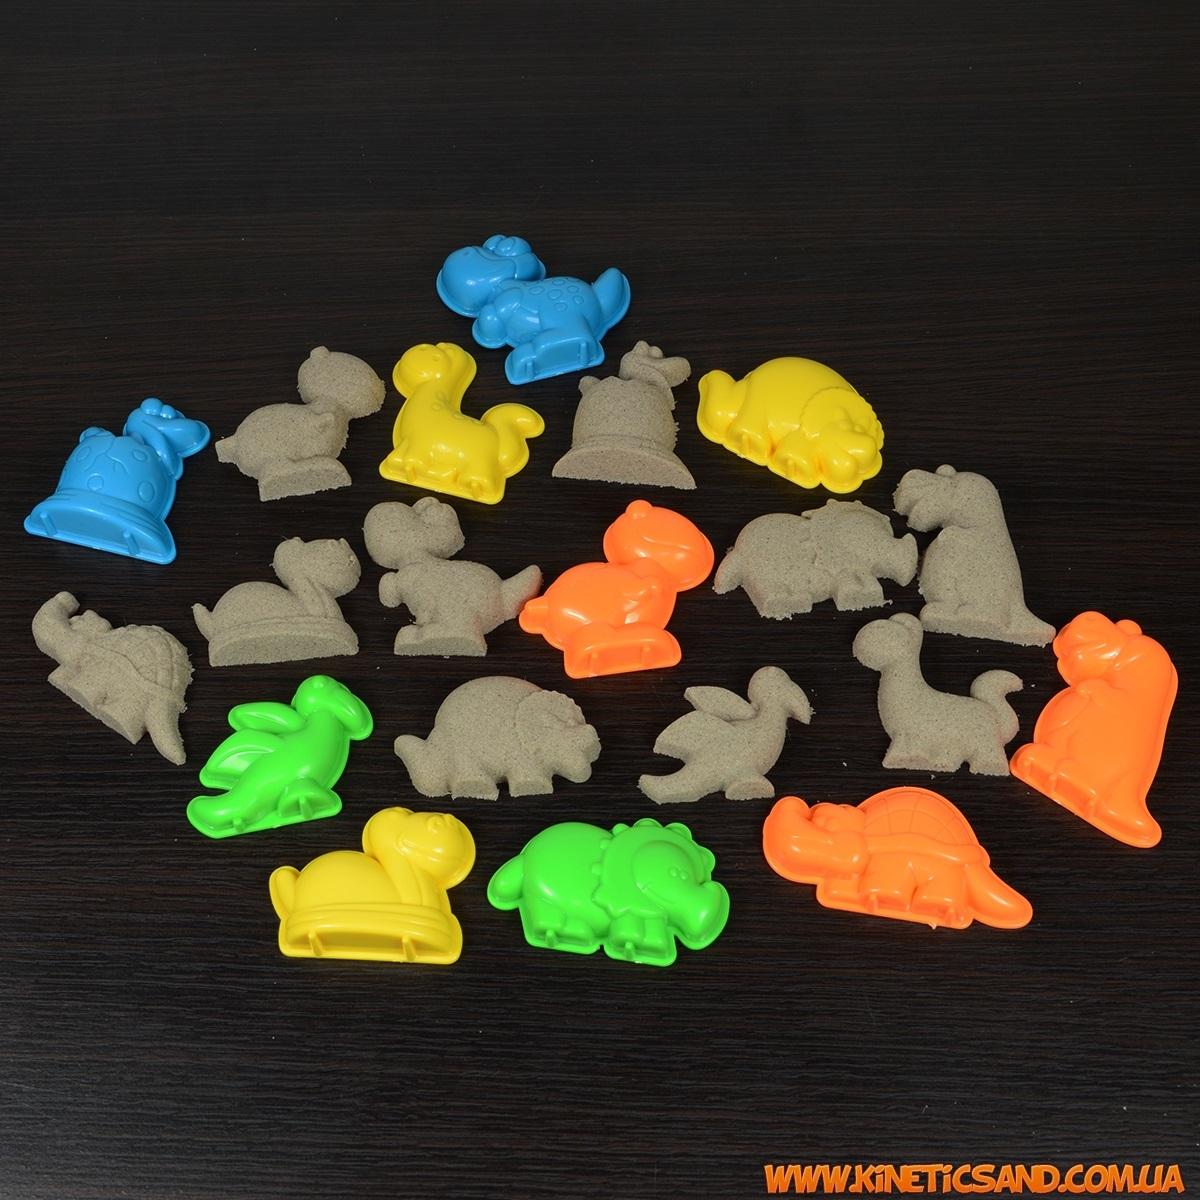 набор кинетического песка купить в украине